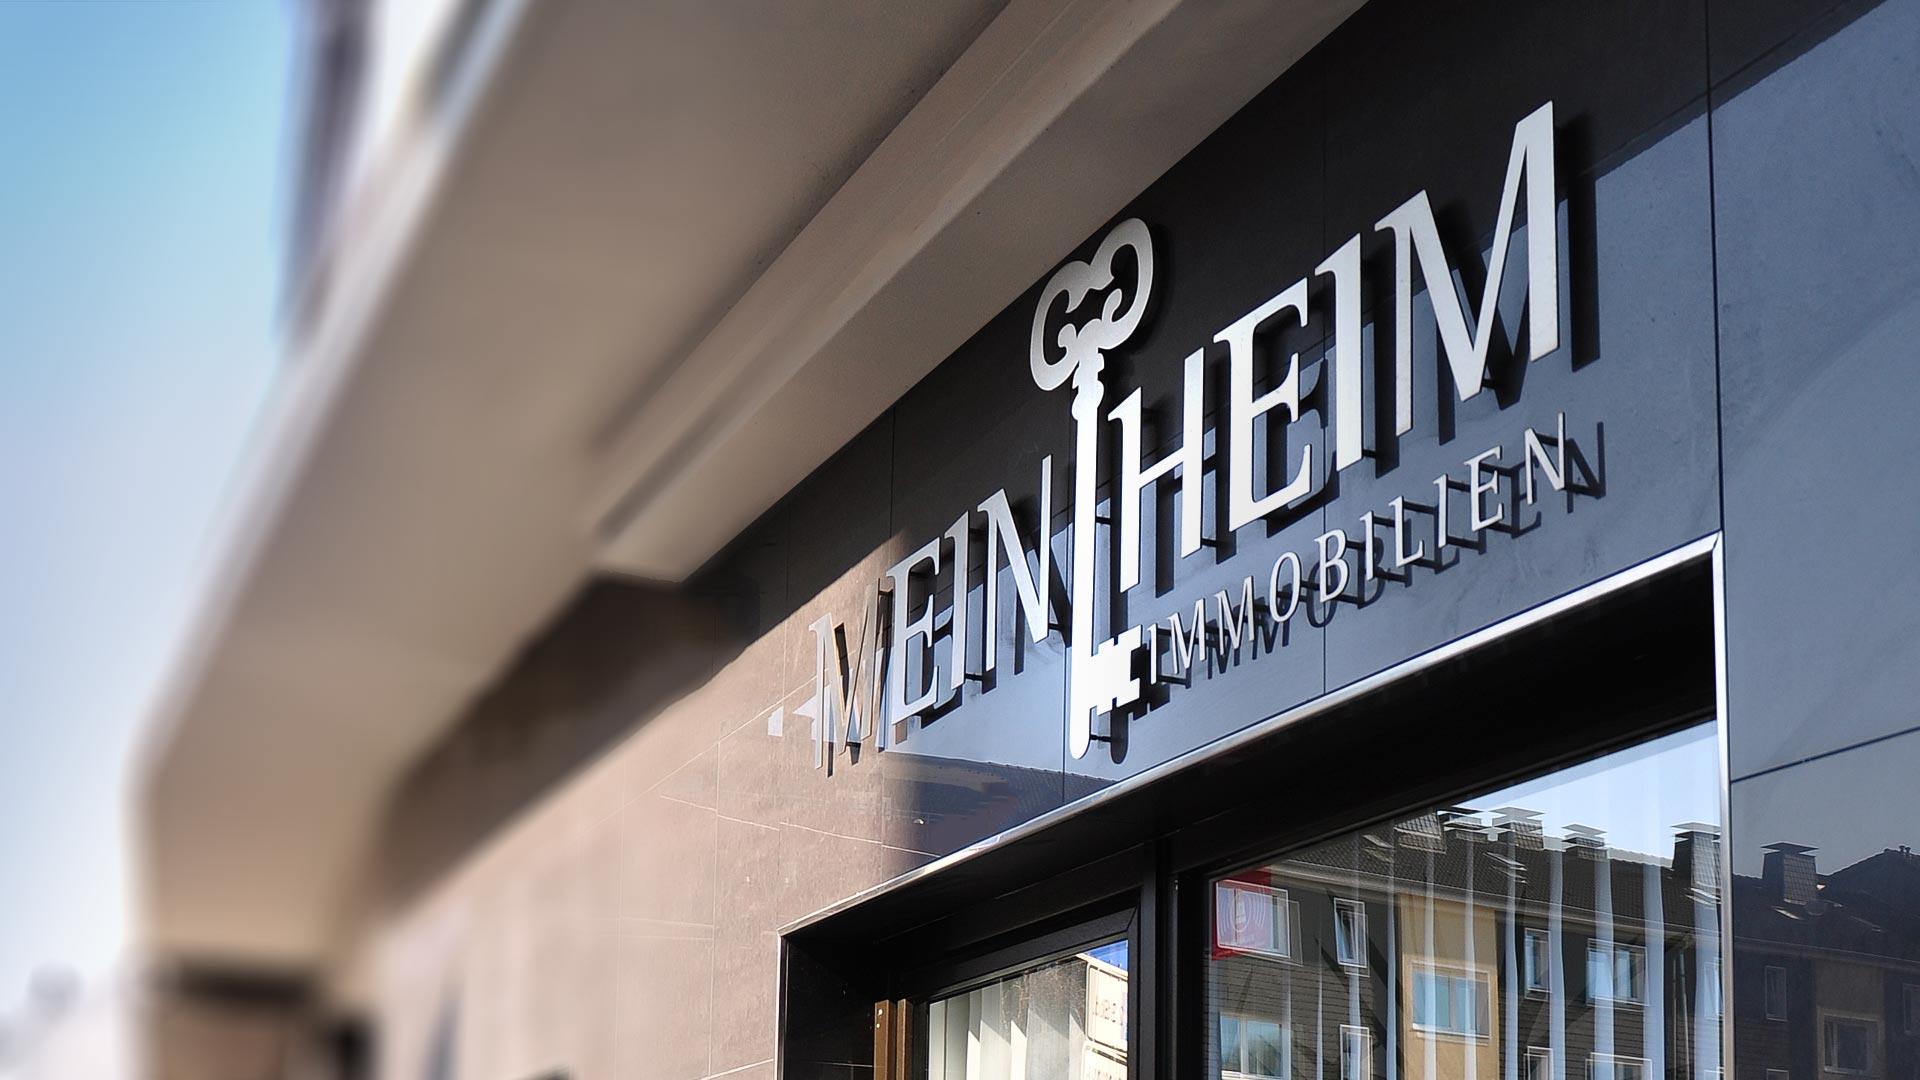 Das Aluminium Logo an der Außenfassade passend zum Corporate Design von MeinHeim Immobilien